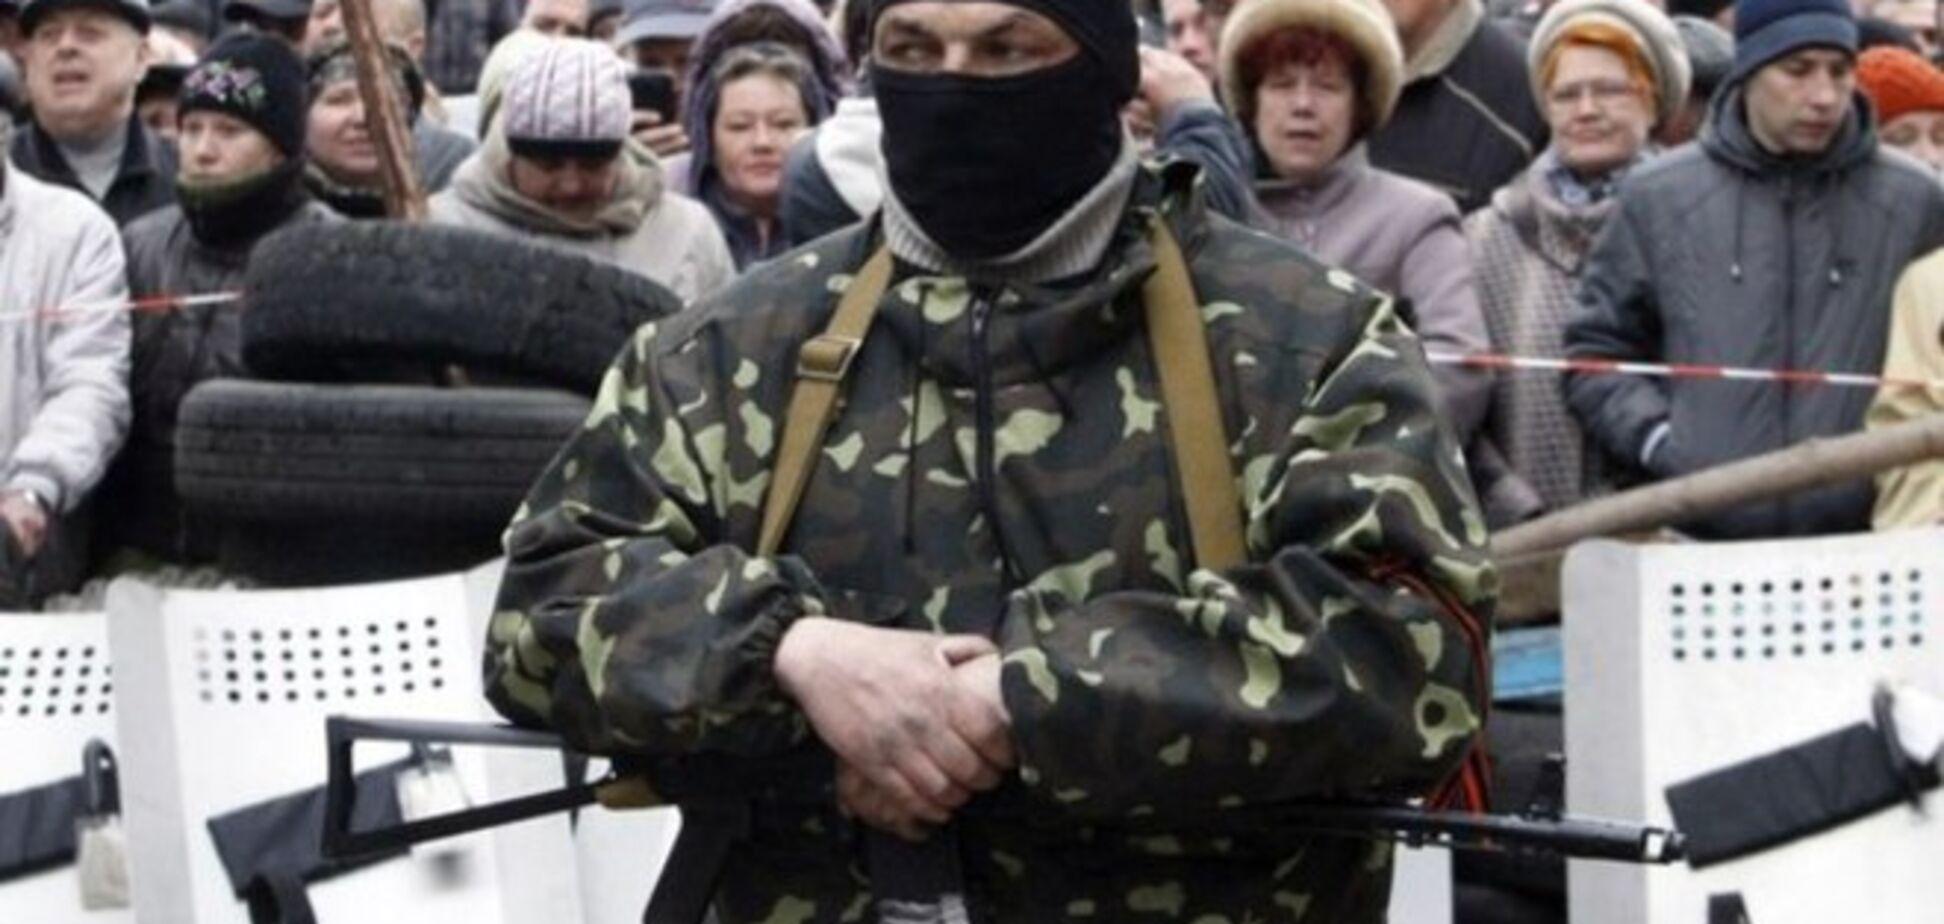 В Славянске журналиста задержали из-за львовской прописки – источник